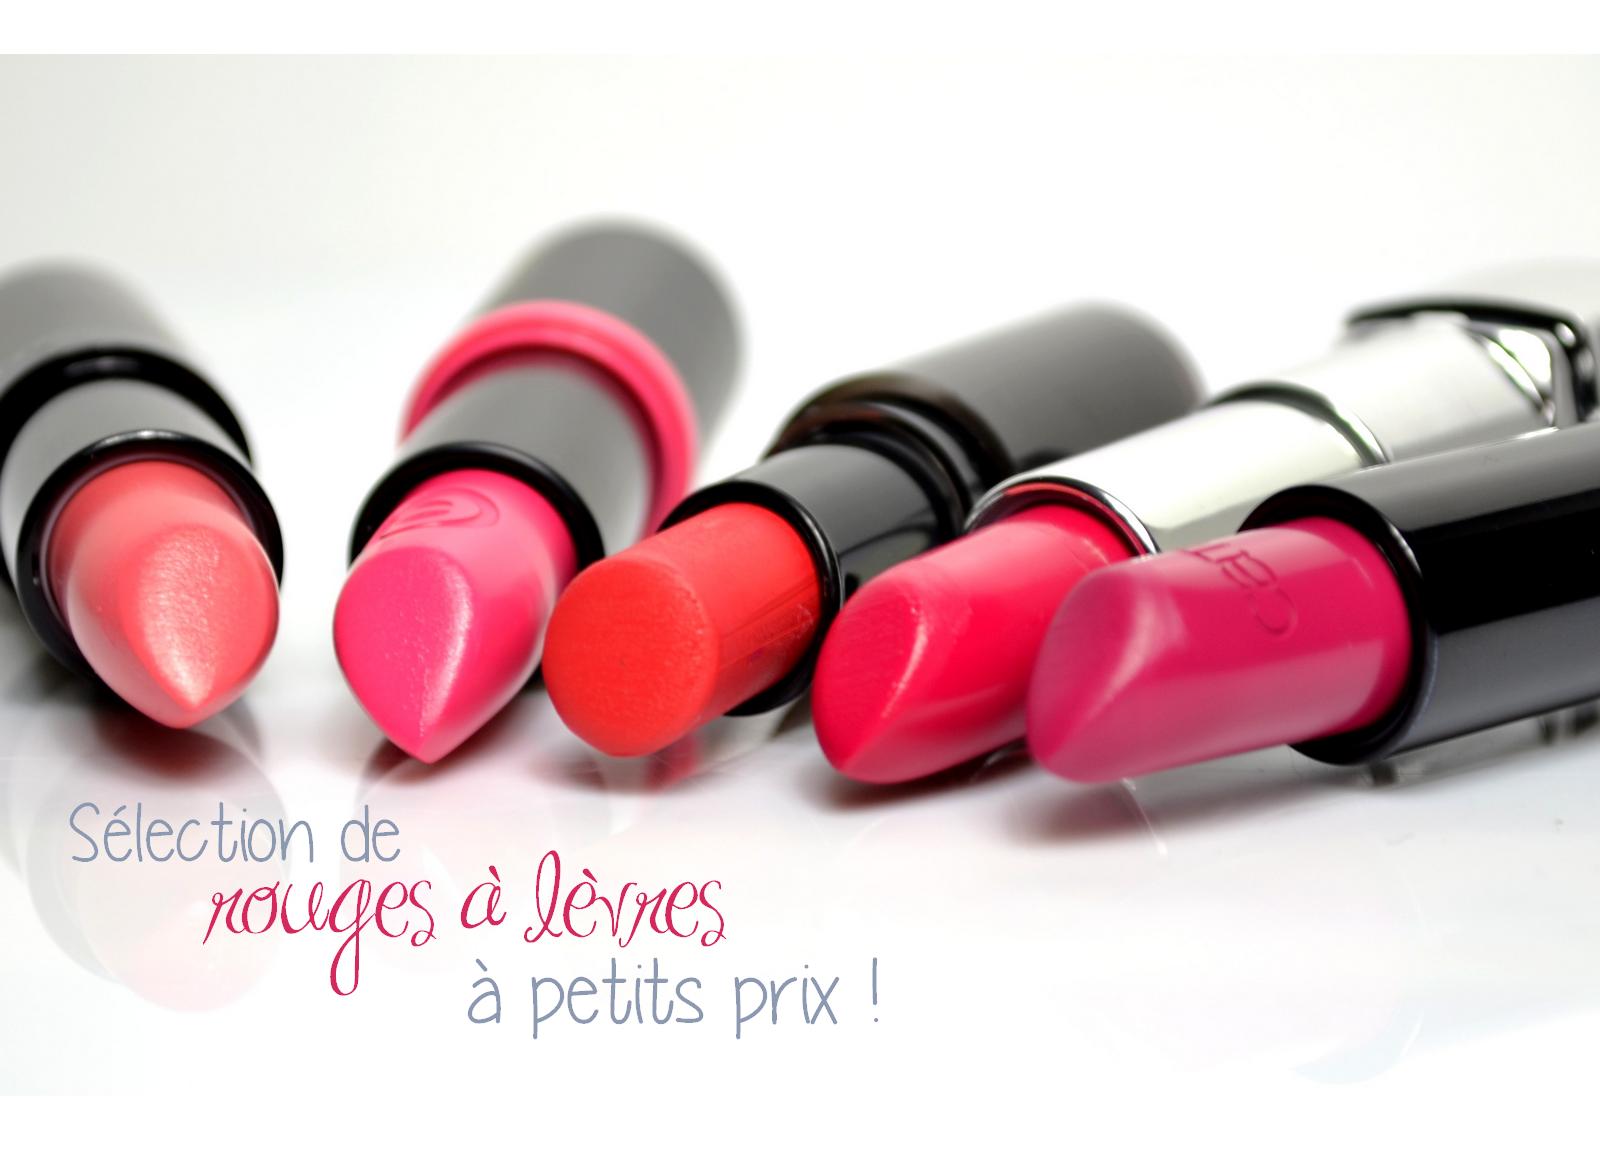 http://www.dreamingsmoothly.com/2015/02/des-rouges-levres-de-qualite-petit-prix.html